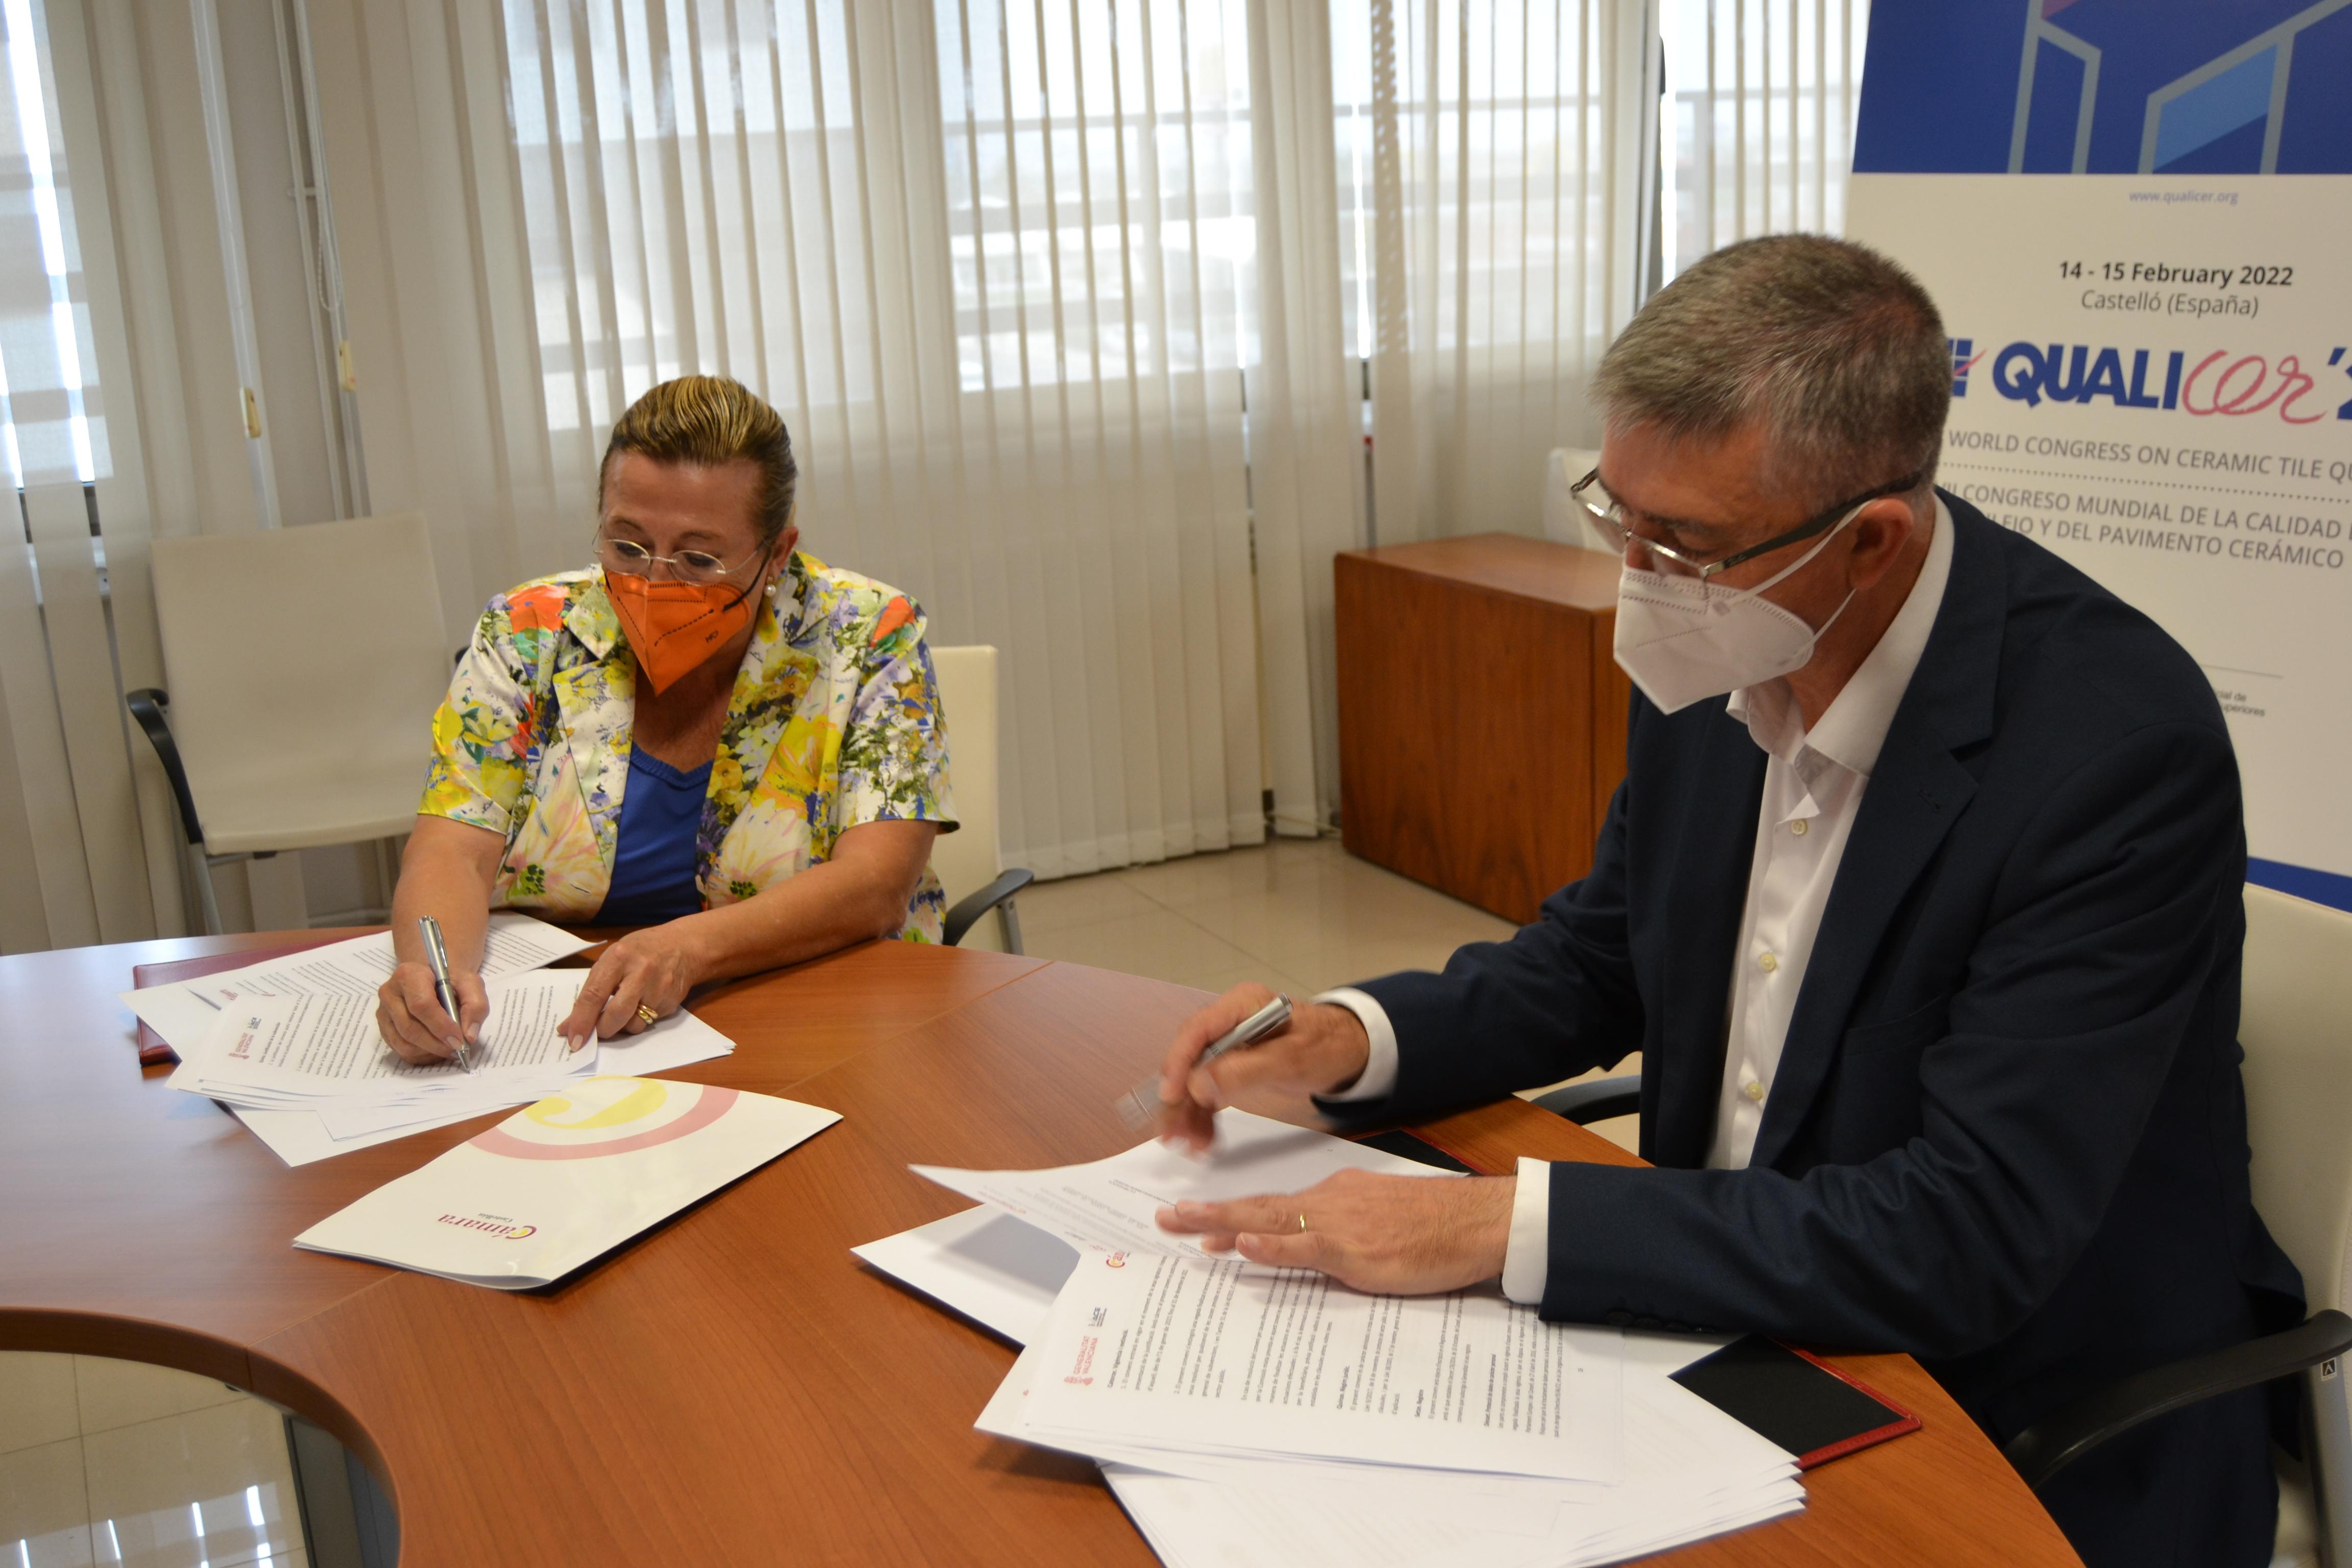 Economia dona suport a la Cambra de Castelló per a la divulgació del congrés Qualicer 2022